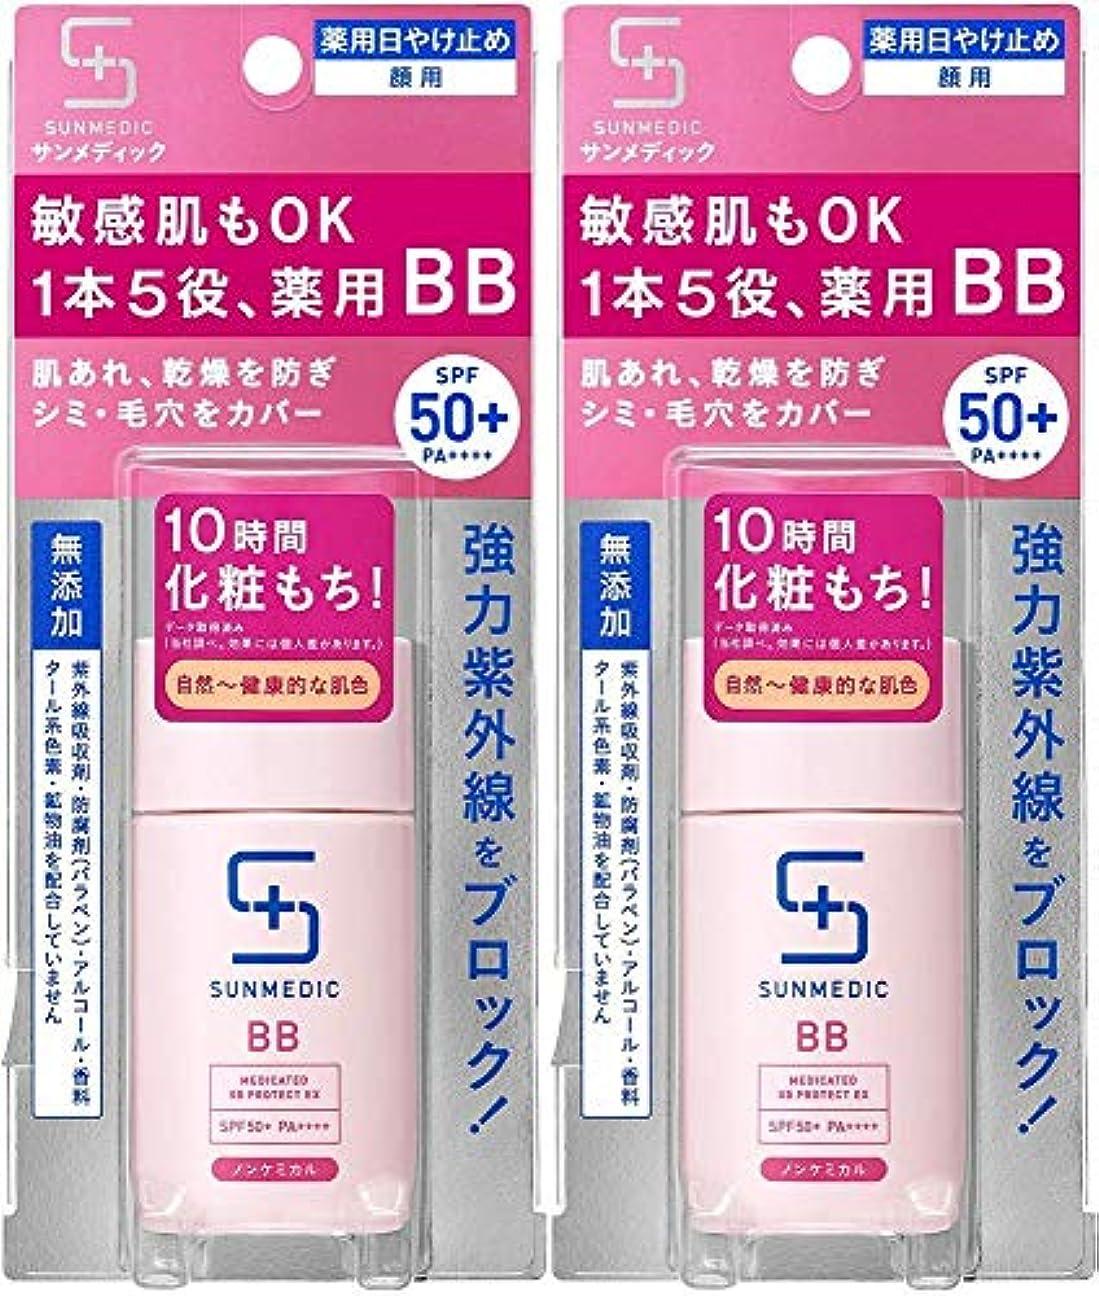 時期尚早暴露するとまり木【2個セット】サンメディックUV 薬用BBプロテクトEX ナチュラル 30ml (医薬部外品)